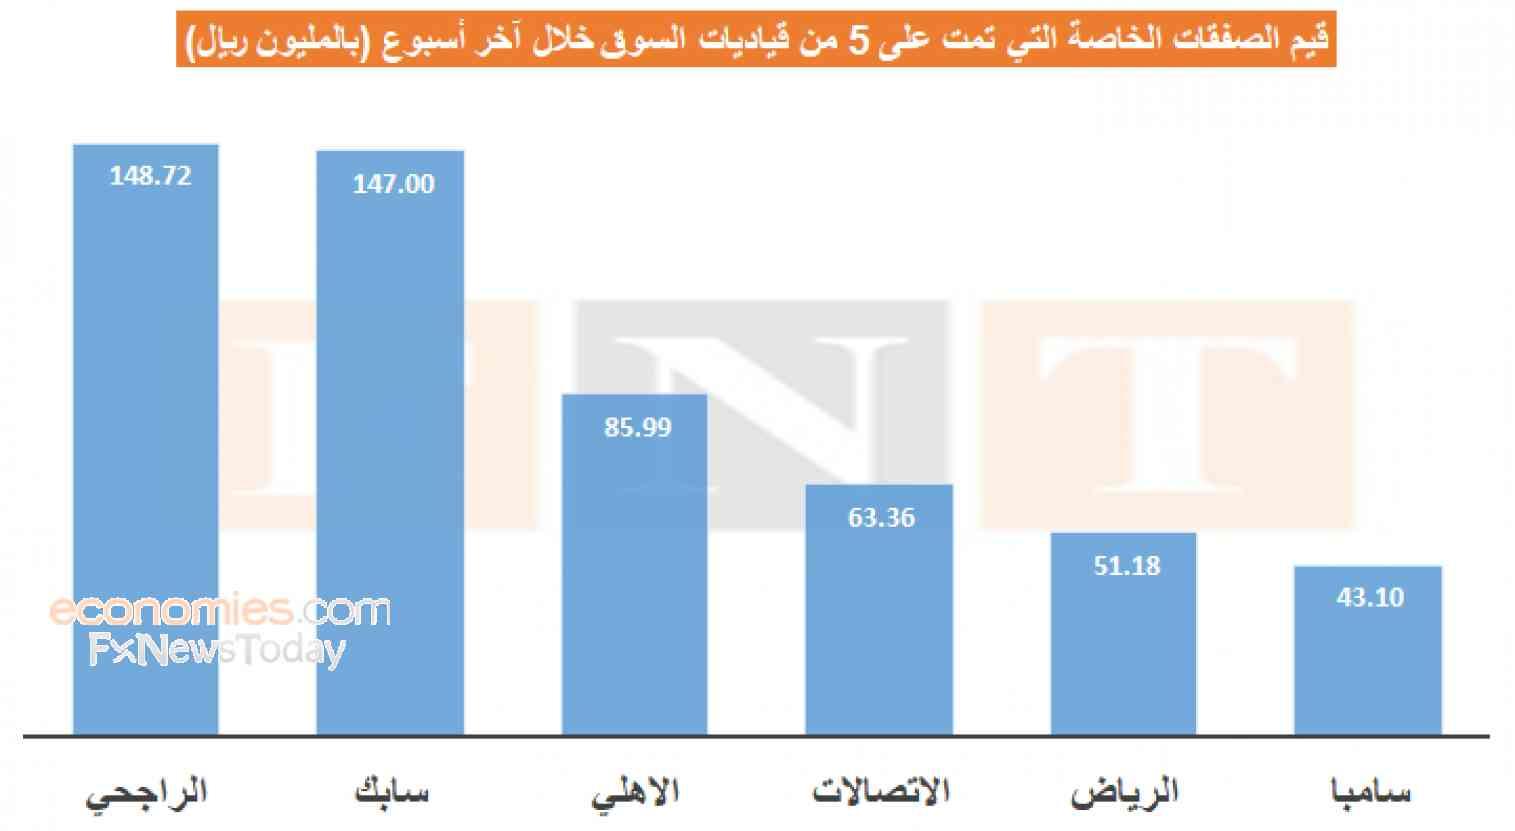 مستثمرو السوق السعودي ينهون أسبوعهم مستهدفين القياديات بصفقات خاصة